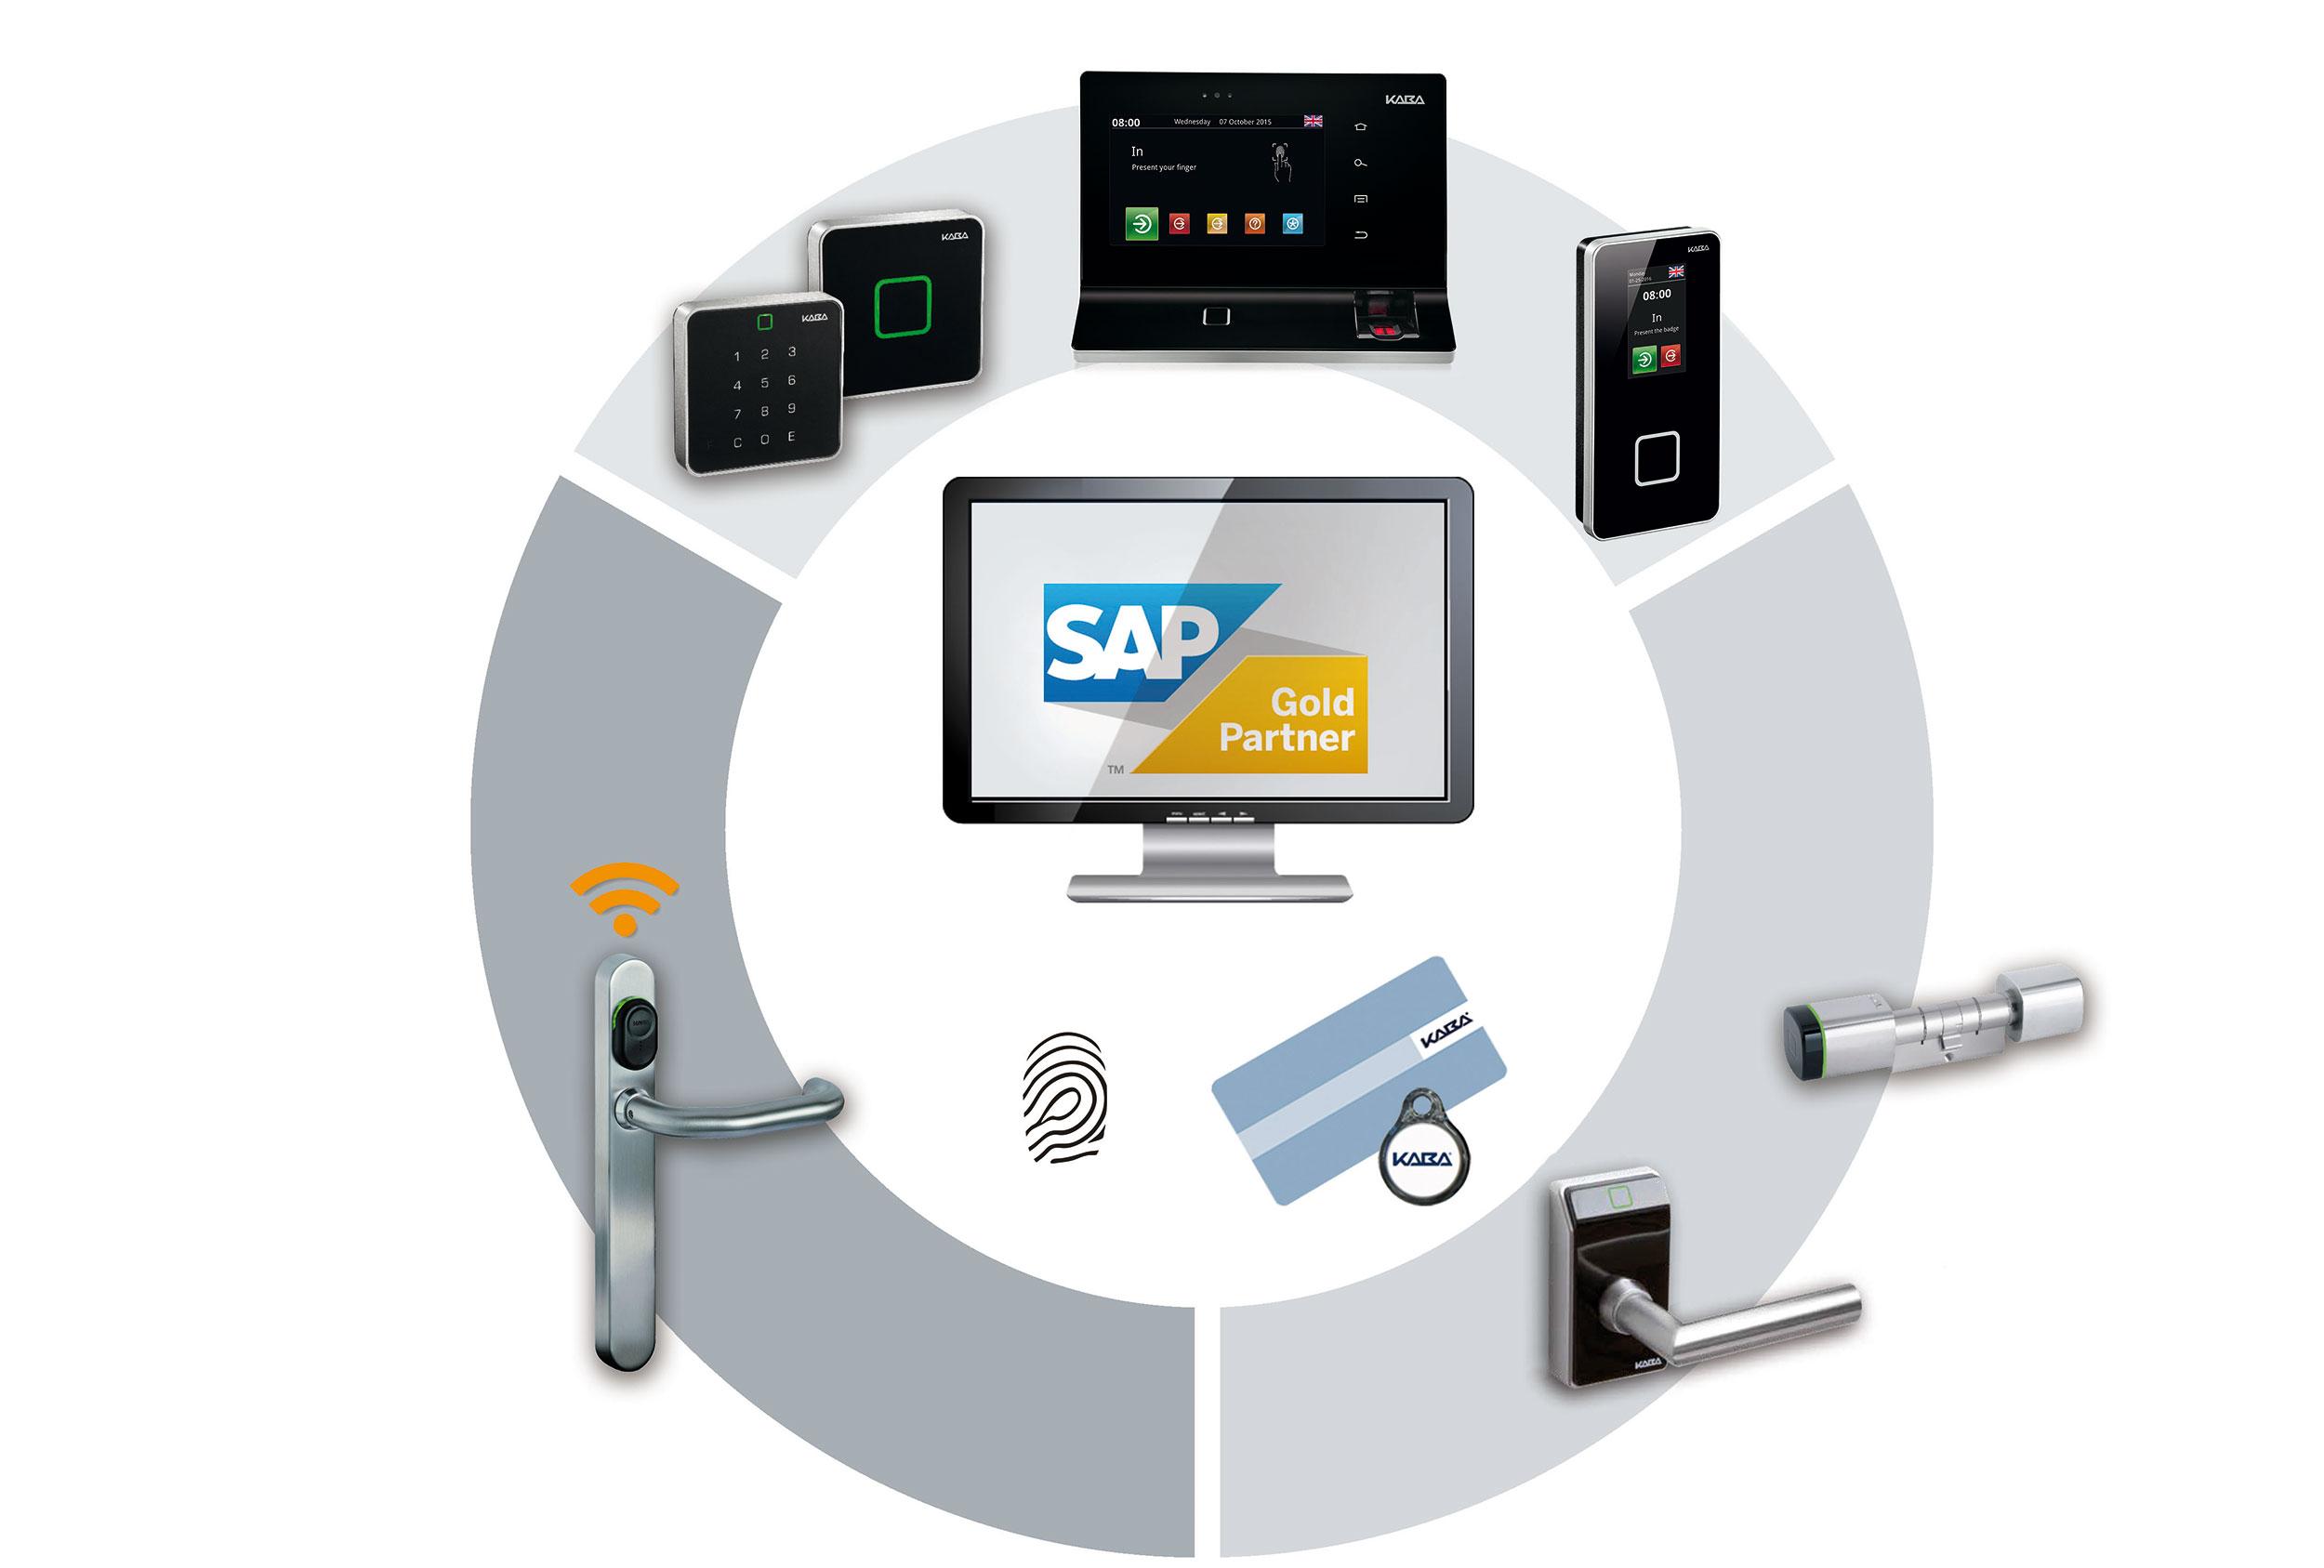 SAP İçin Geçiş Kontrol Çözümleri